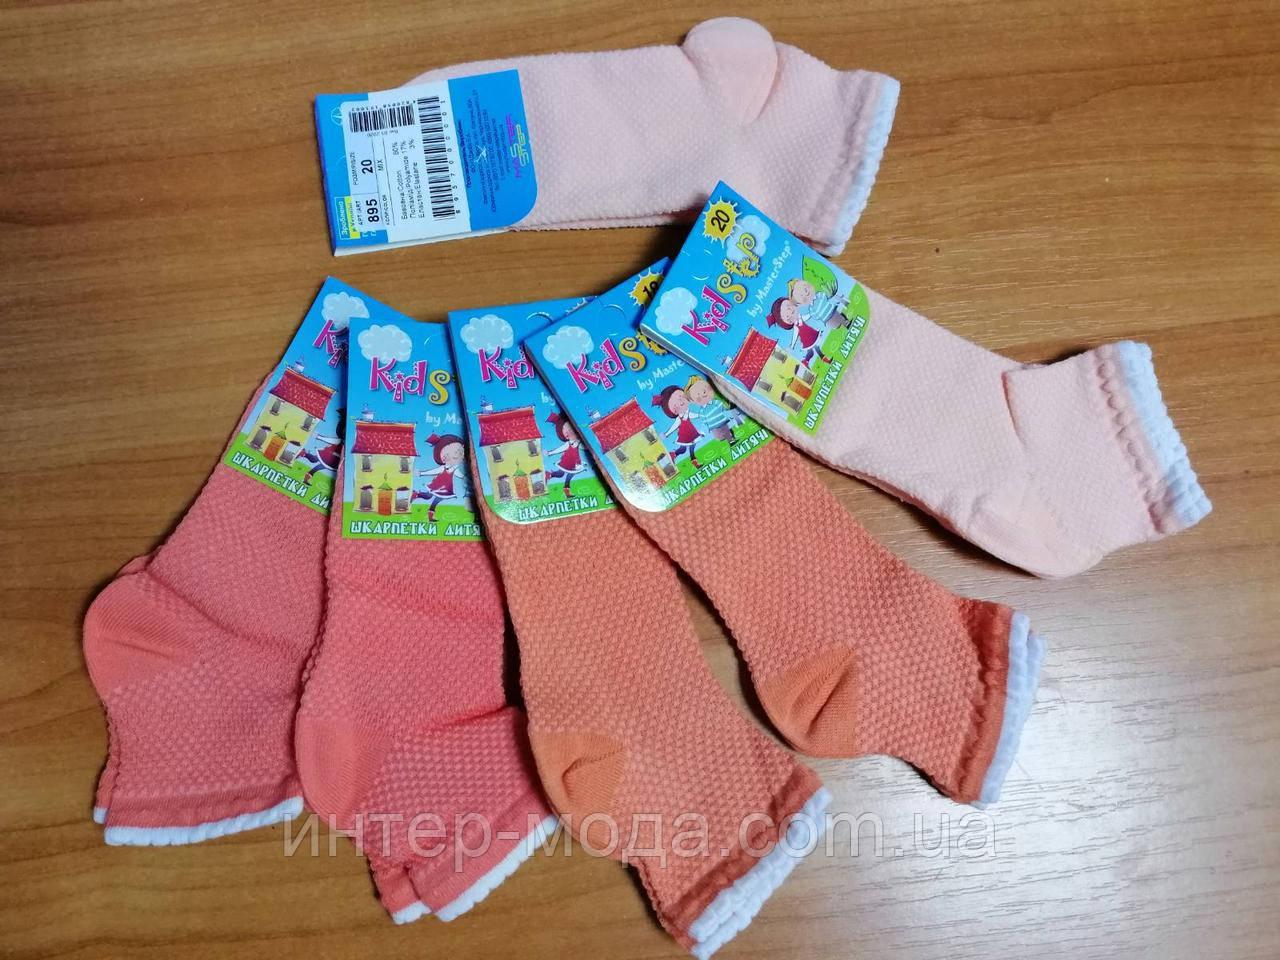 Детские ажурные носочки р.20 арт.895